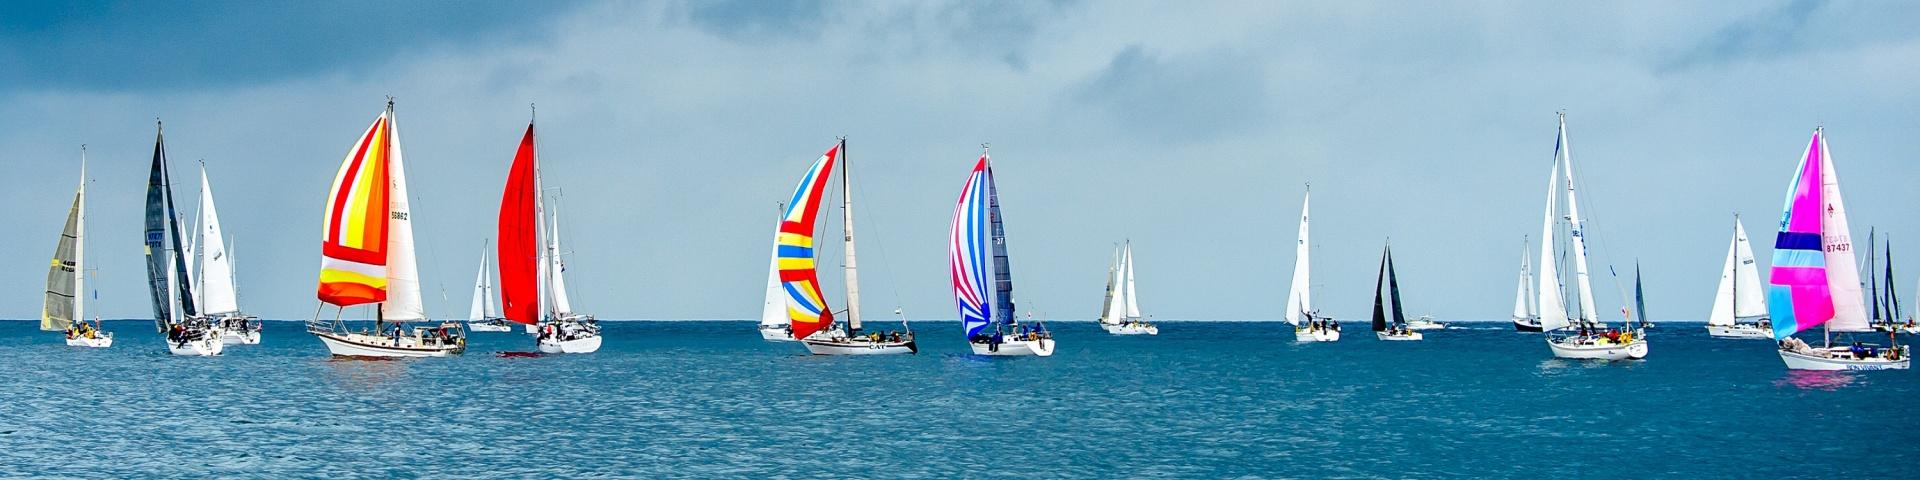 sailing, sailboats